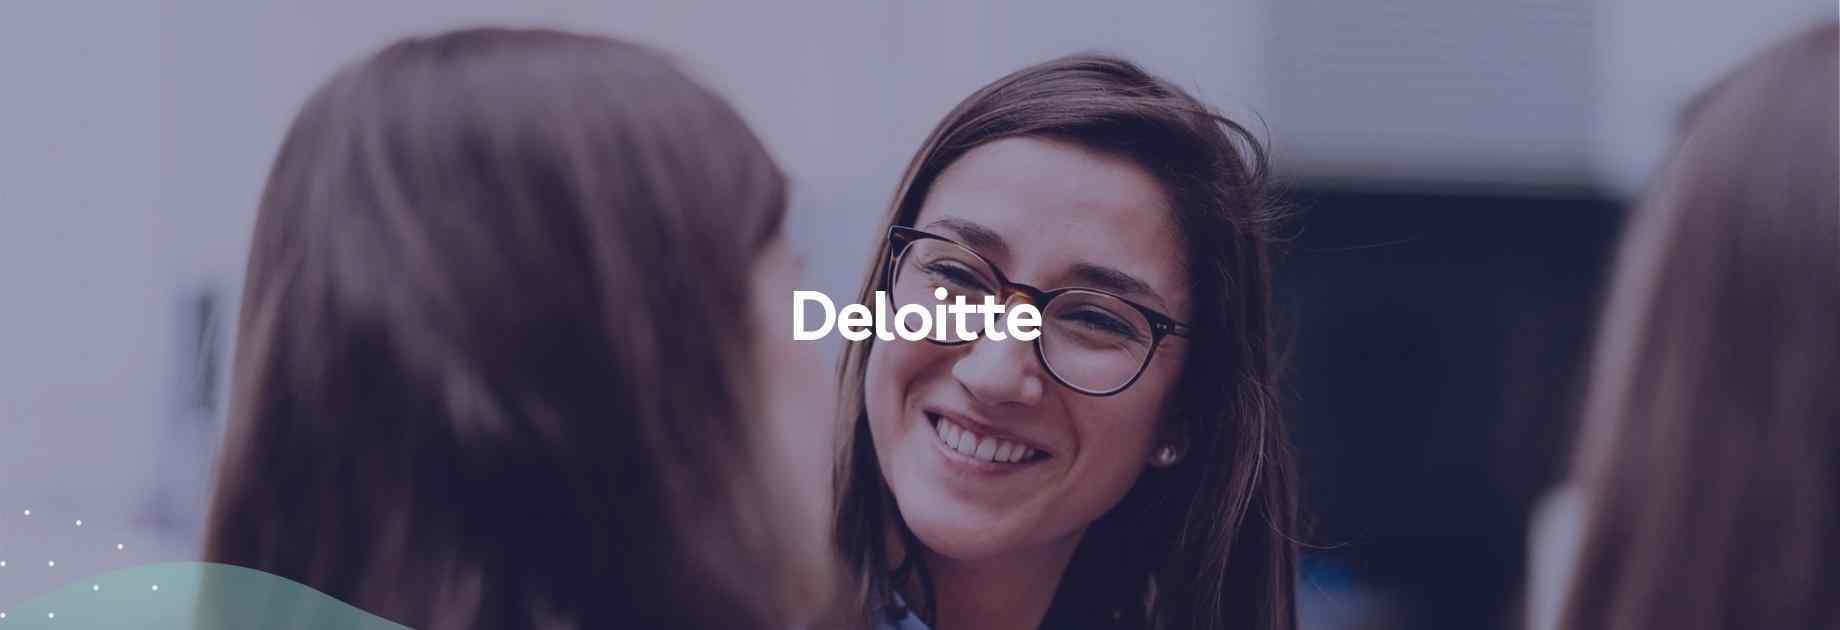 Deloitte employee smiling